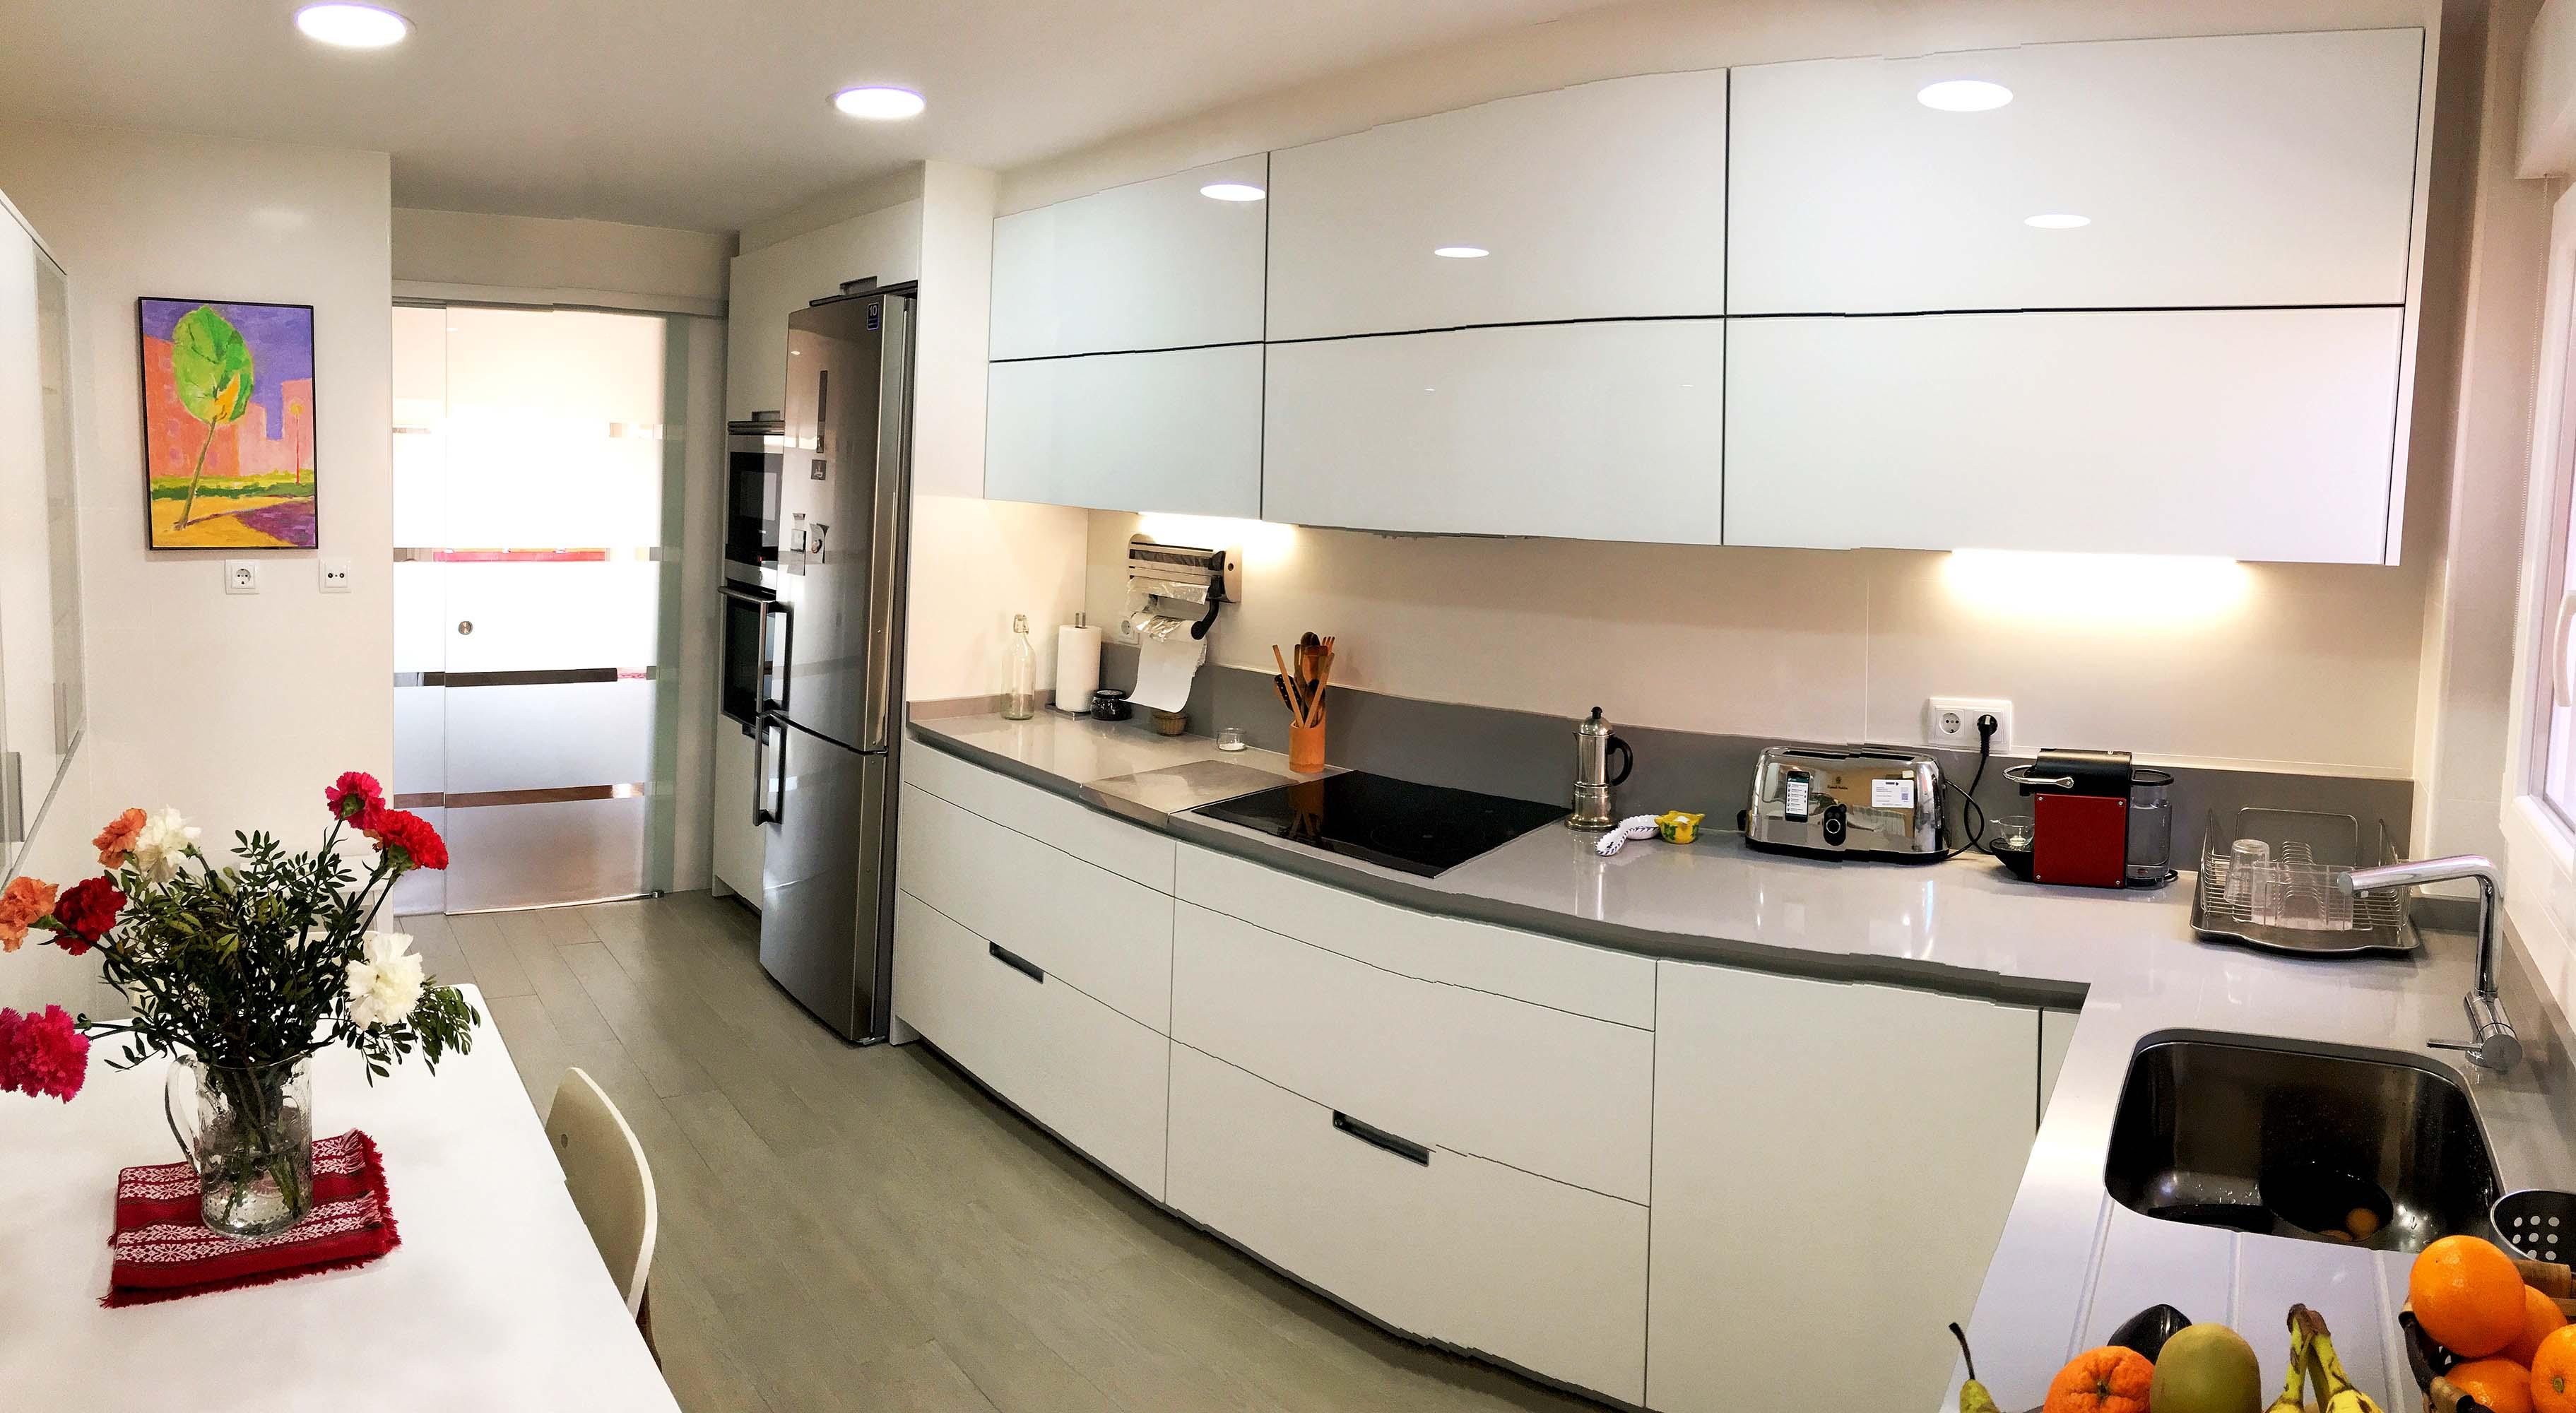 Muebles de cocina en santos lugares ideas - Muebles de cocina en castellon ...